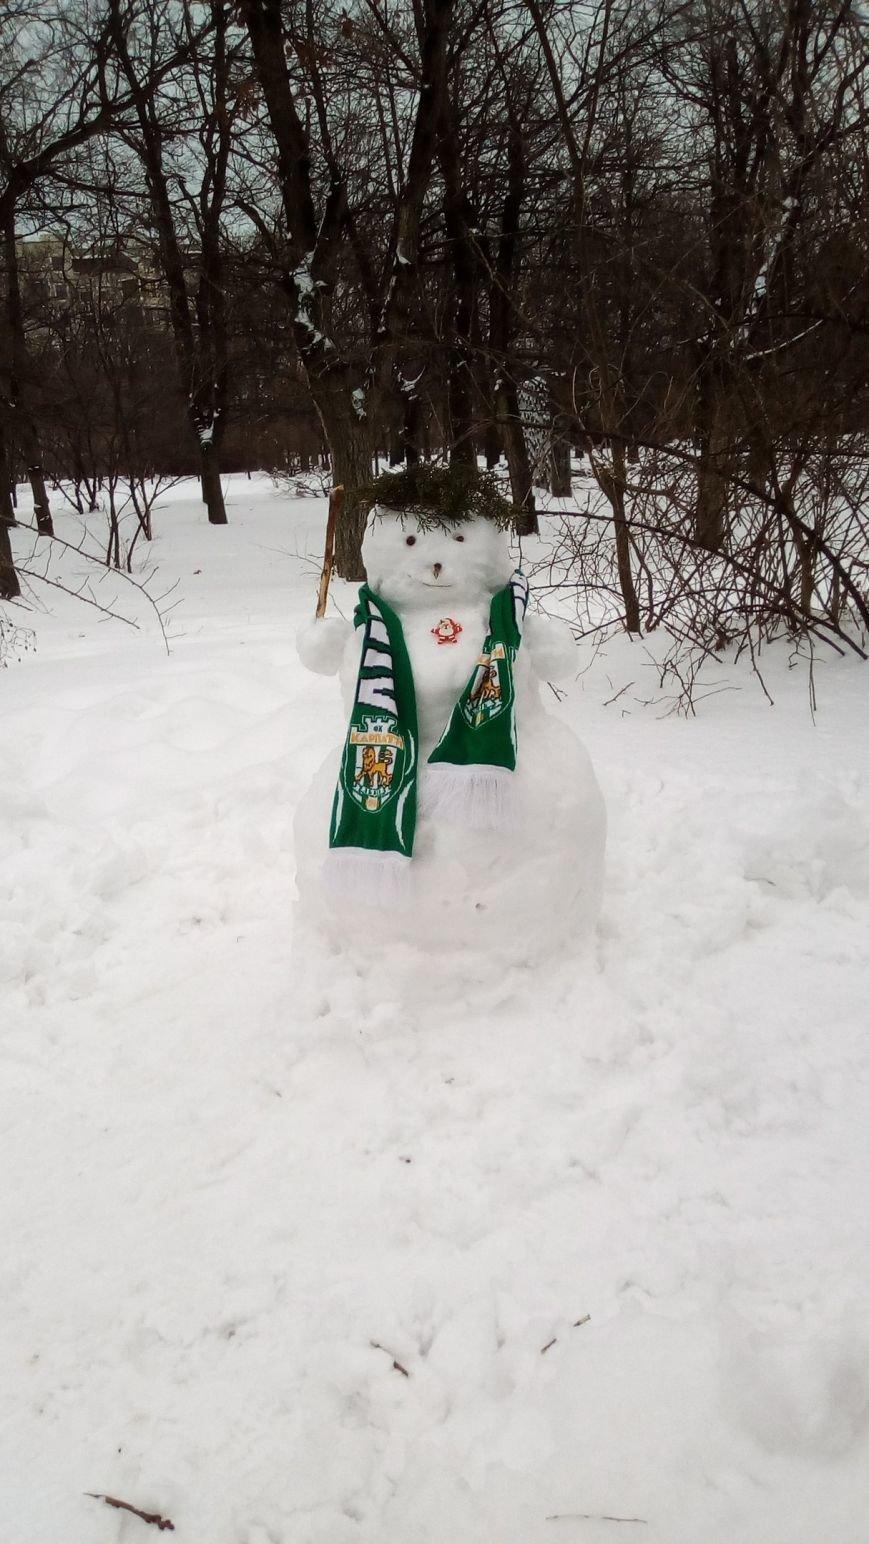 В Одессе из снега вылепили Дарта Вейдера, Крокодила Гену и настоящего мужика (ФОТО), фото-14